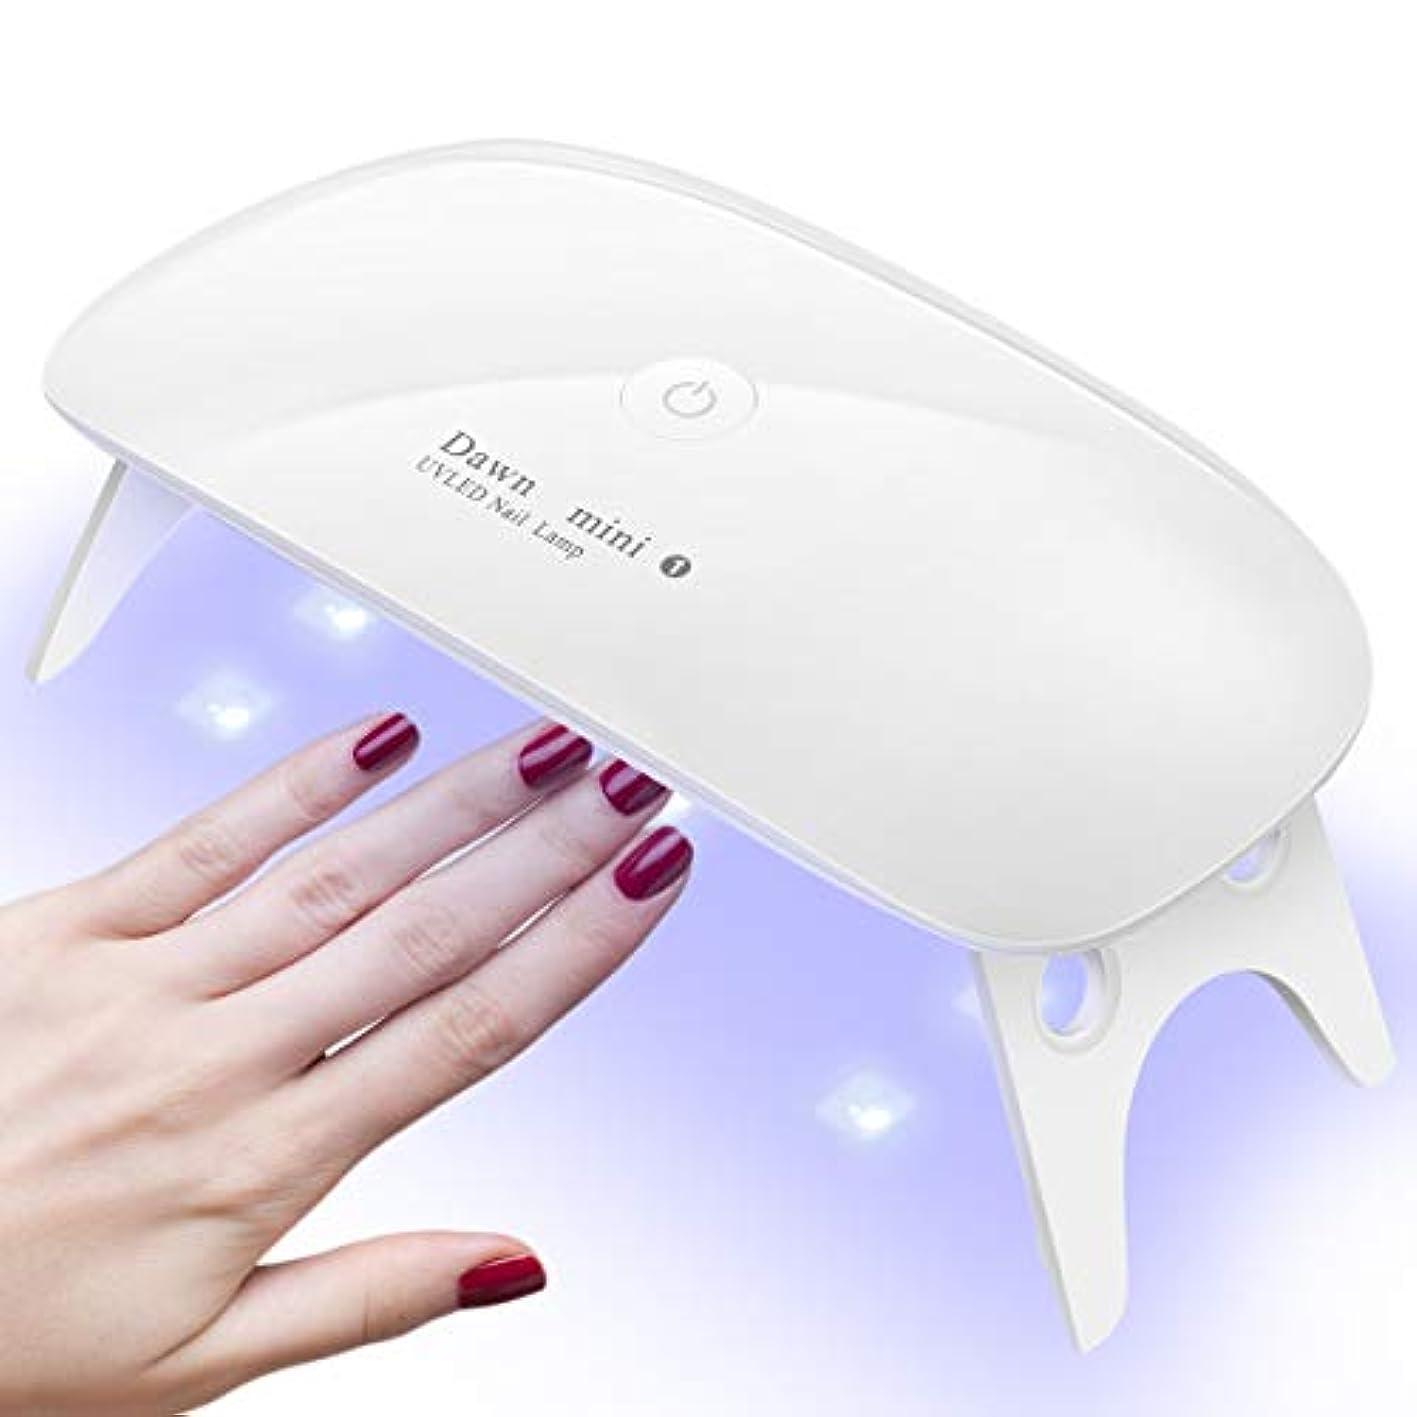 本物攻撃使用法LEDネイルドライヤー UVライト レジン用 硬化ライト タイマー設定可能 折りたたみ式手足とも使える UV と LEDダブルライト ジェルネイル と レジンクラフト用